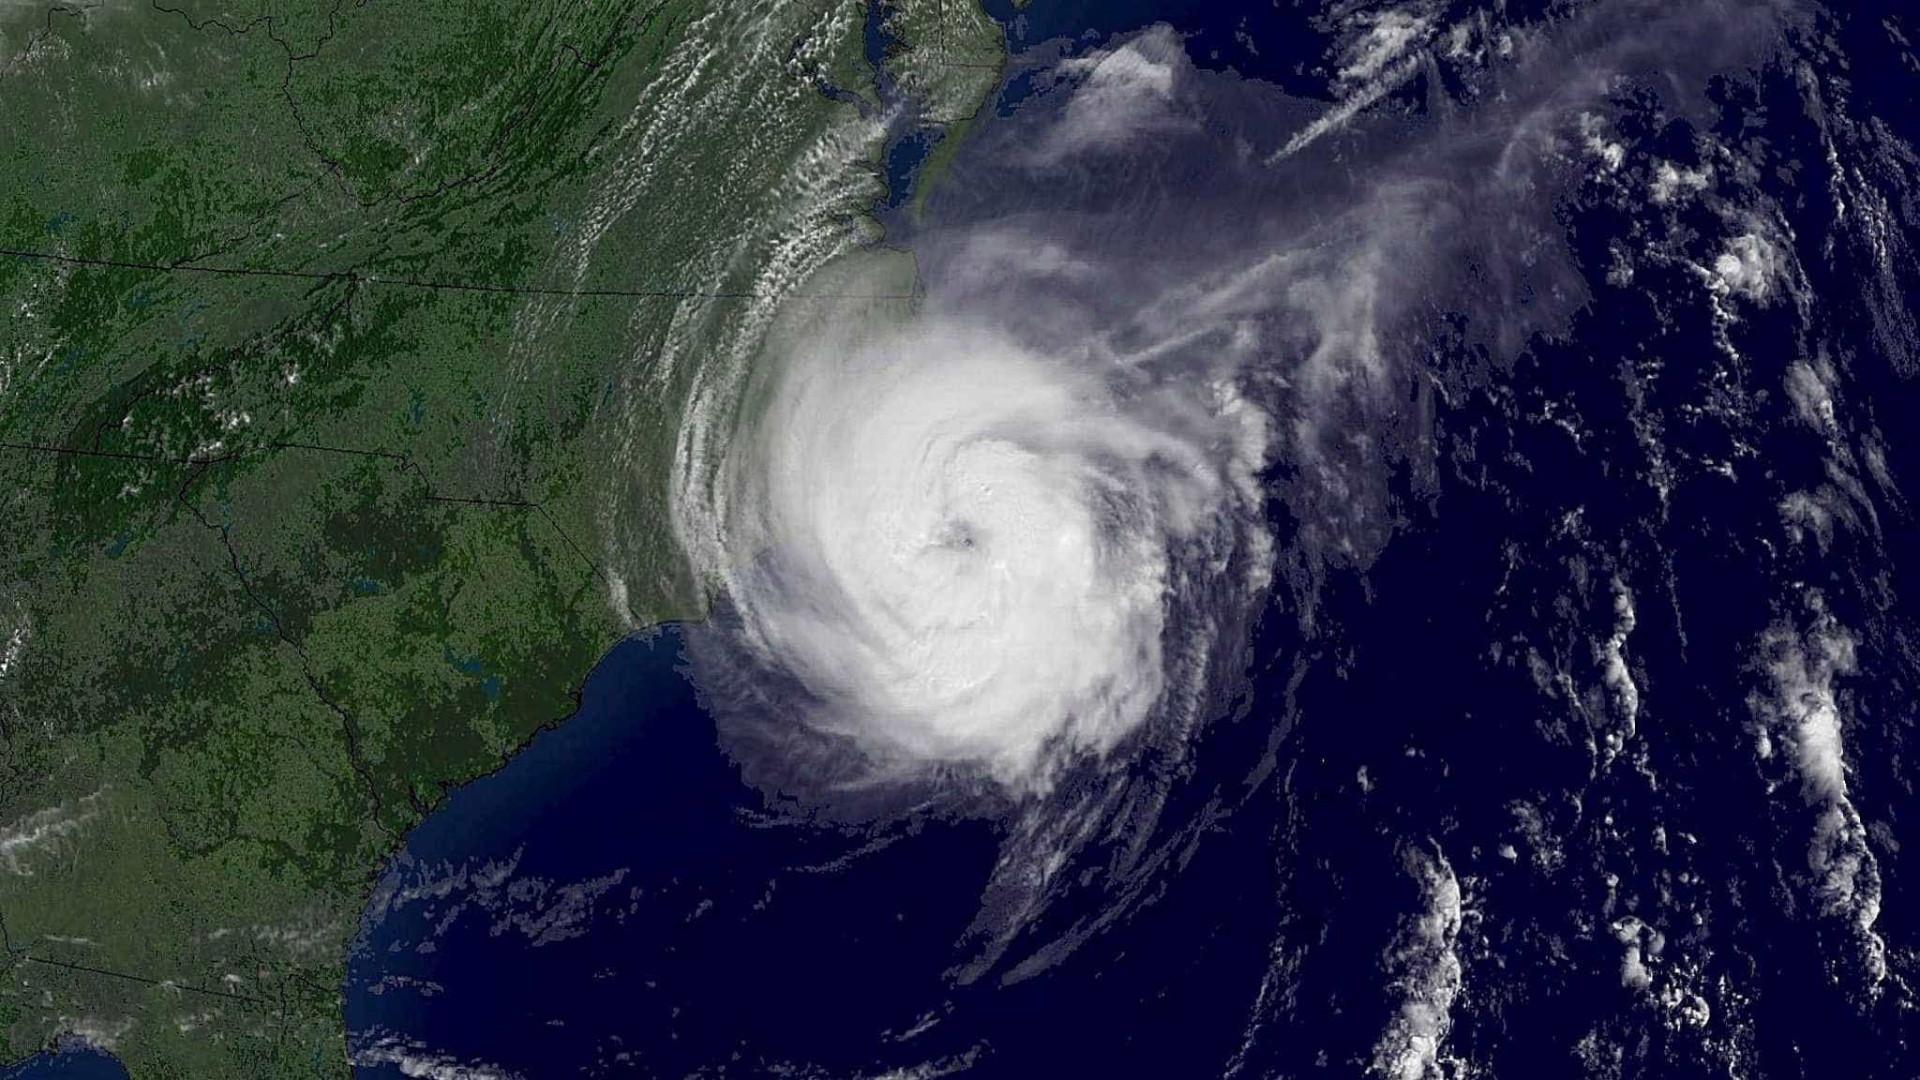 Efeitos da tempestade Ophelia poderão sentir-se a partir de sábado